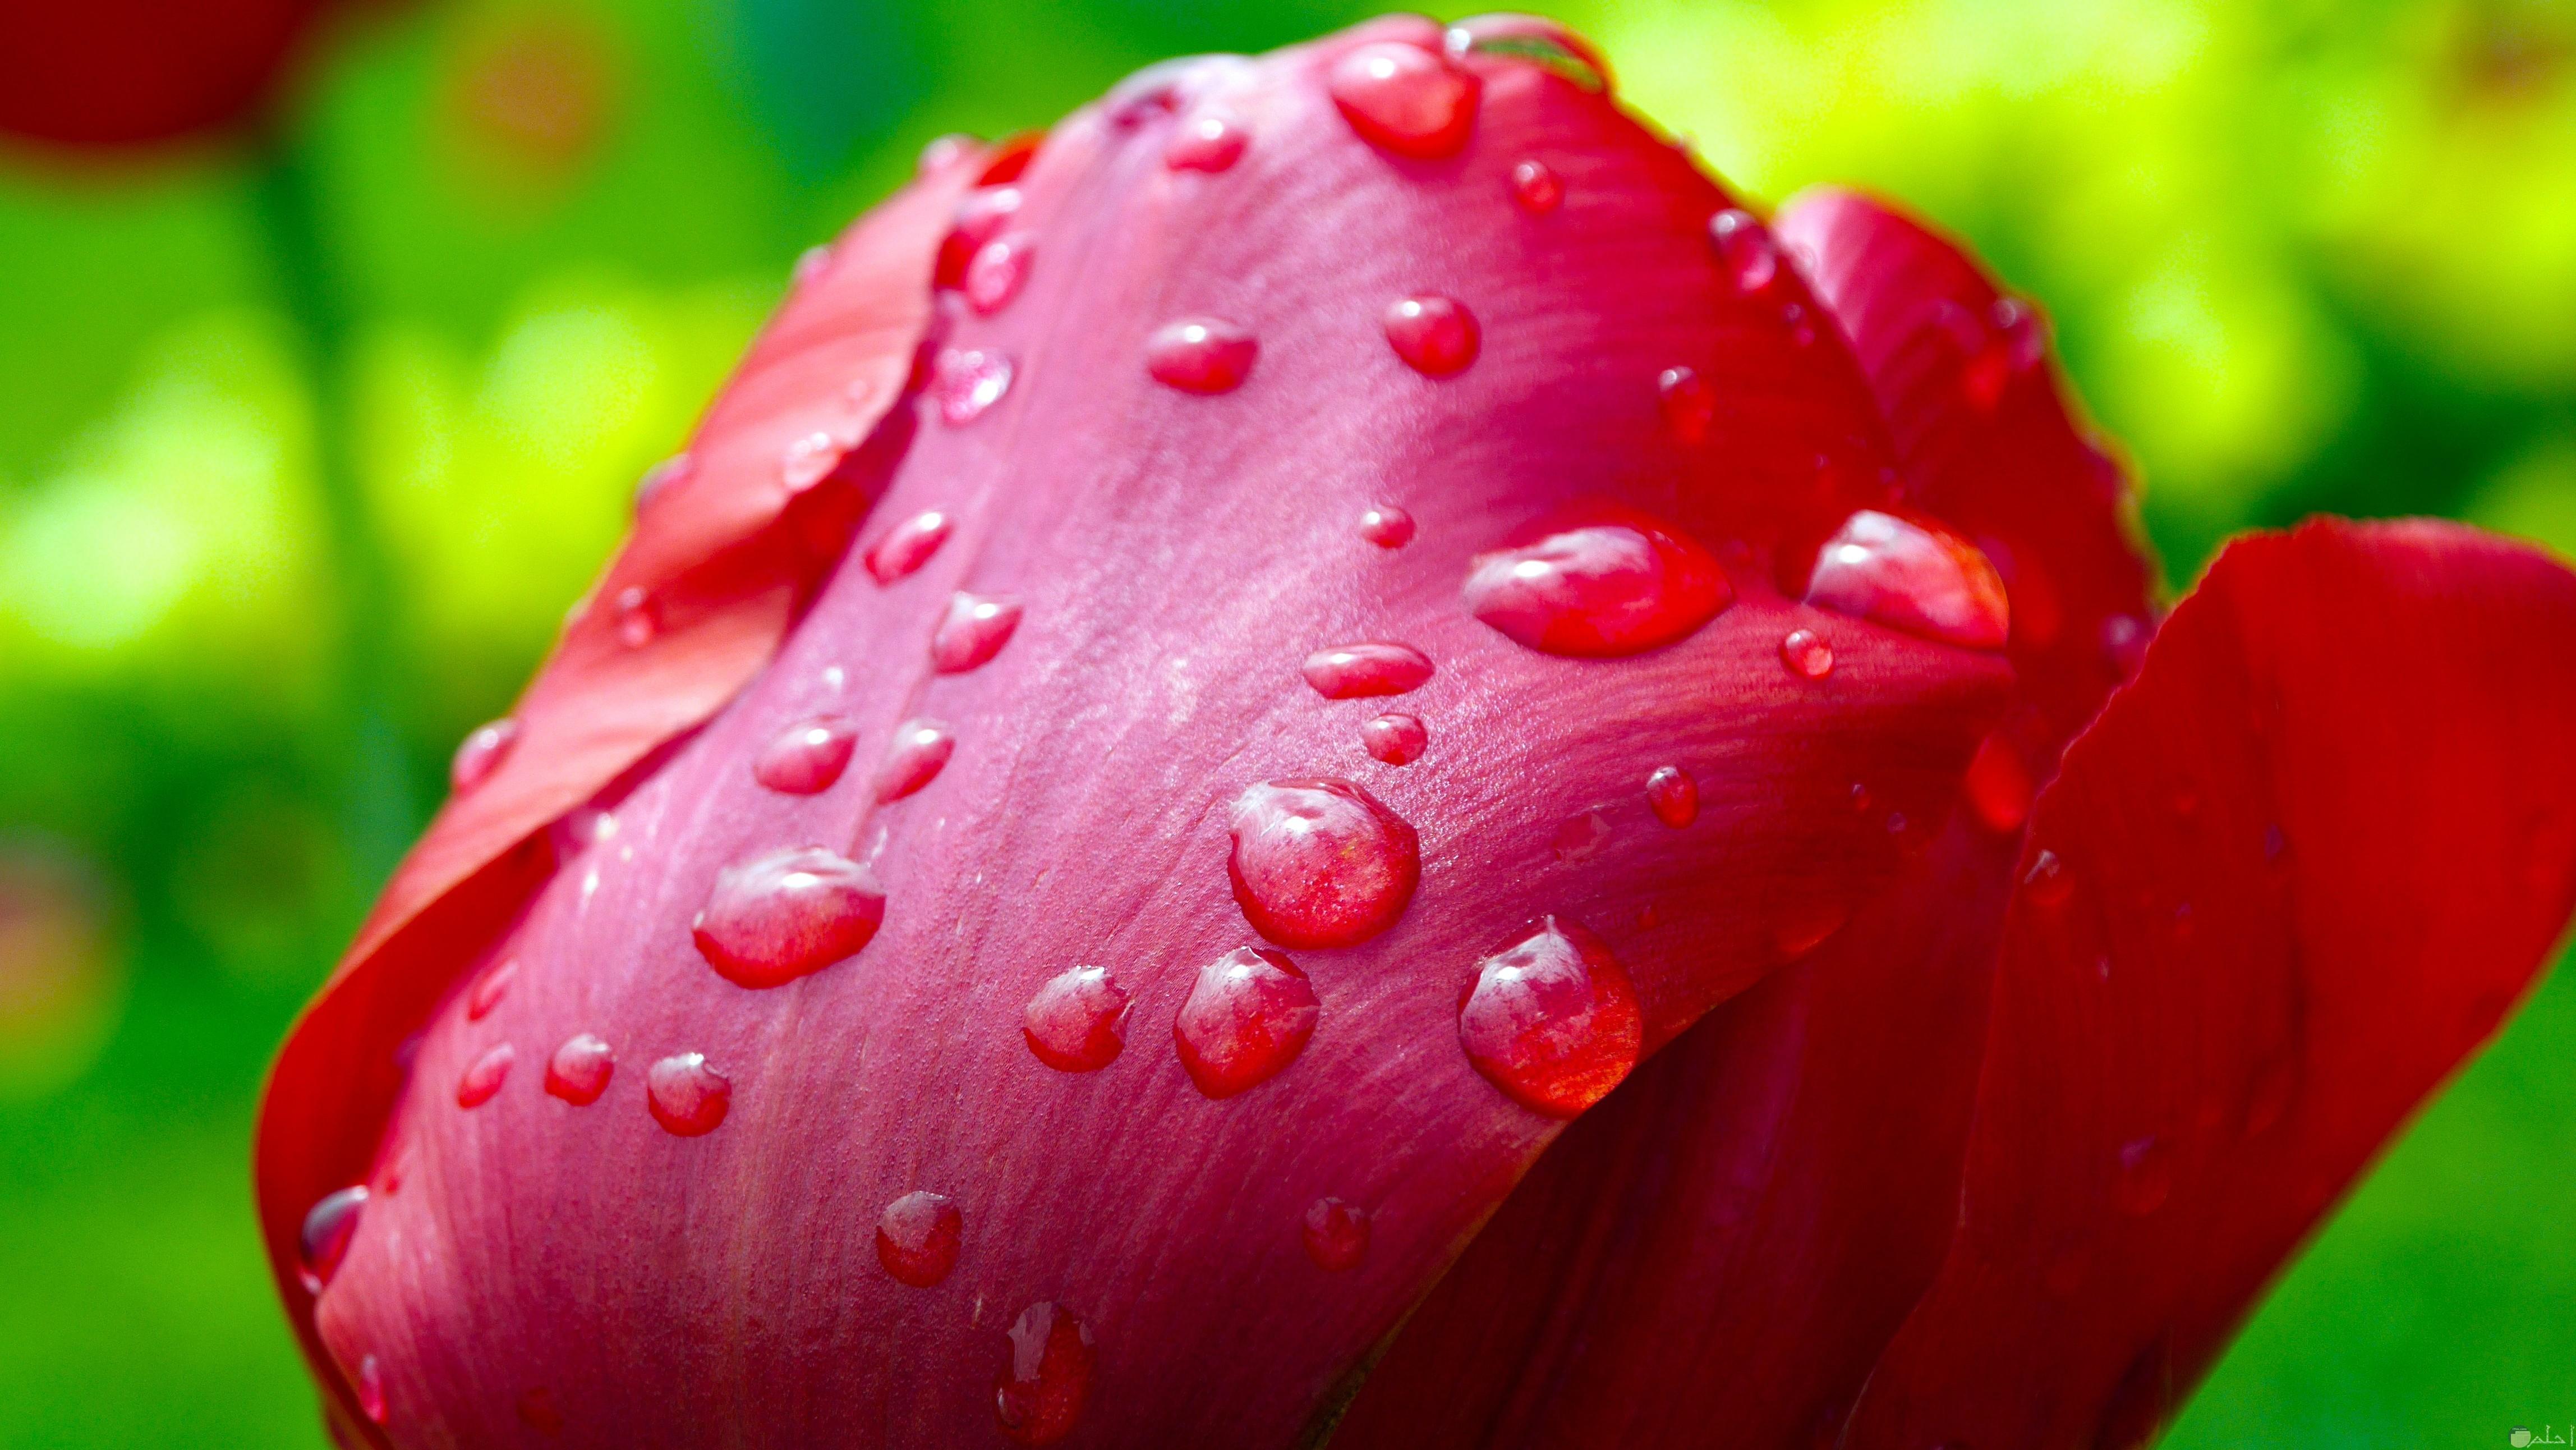 صورة لوردة حمراء جميلة عليها قطرات من المياة